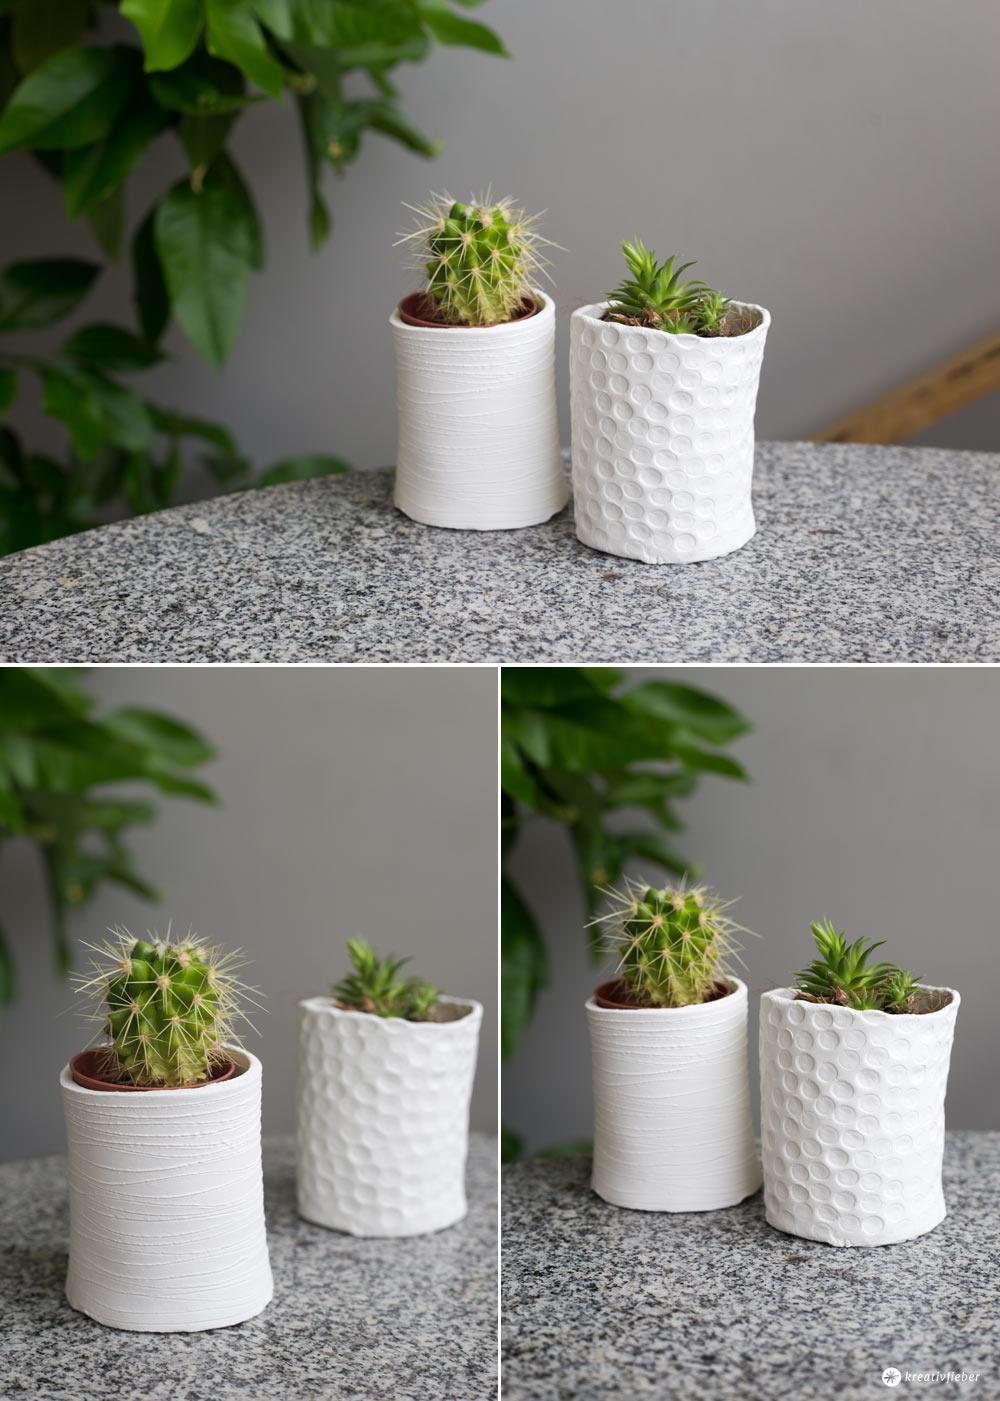 DIY mini Vasen für Sukkulenten selbermachen - Schritt für Schritt DIY Tutorial - Kreativfieber